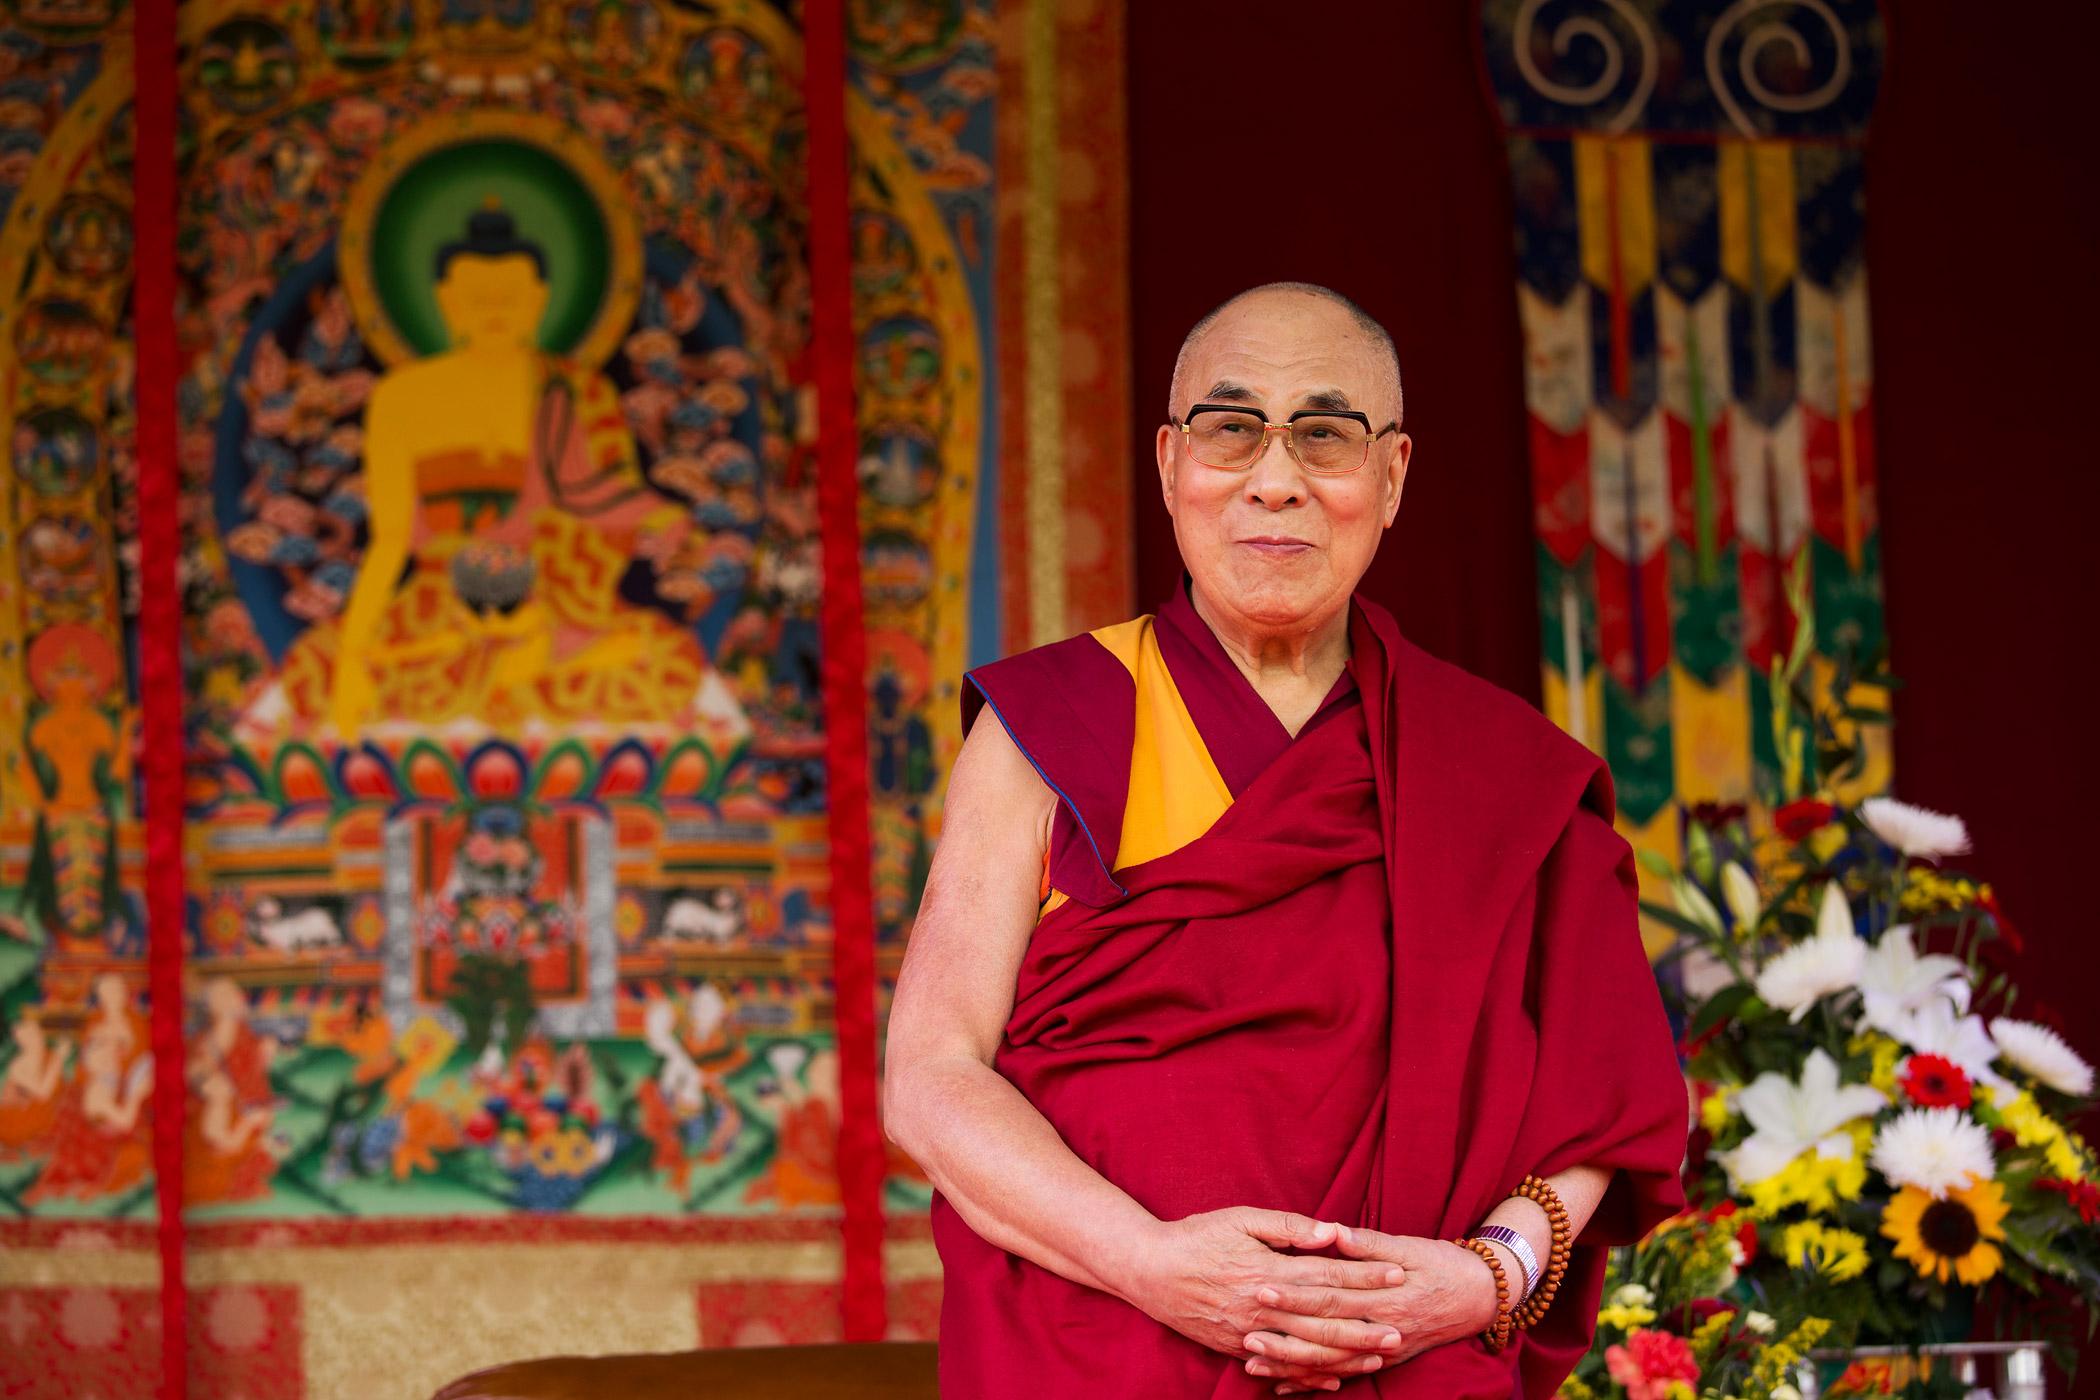 PunjabKesari Dalai lama birthday